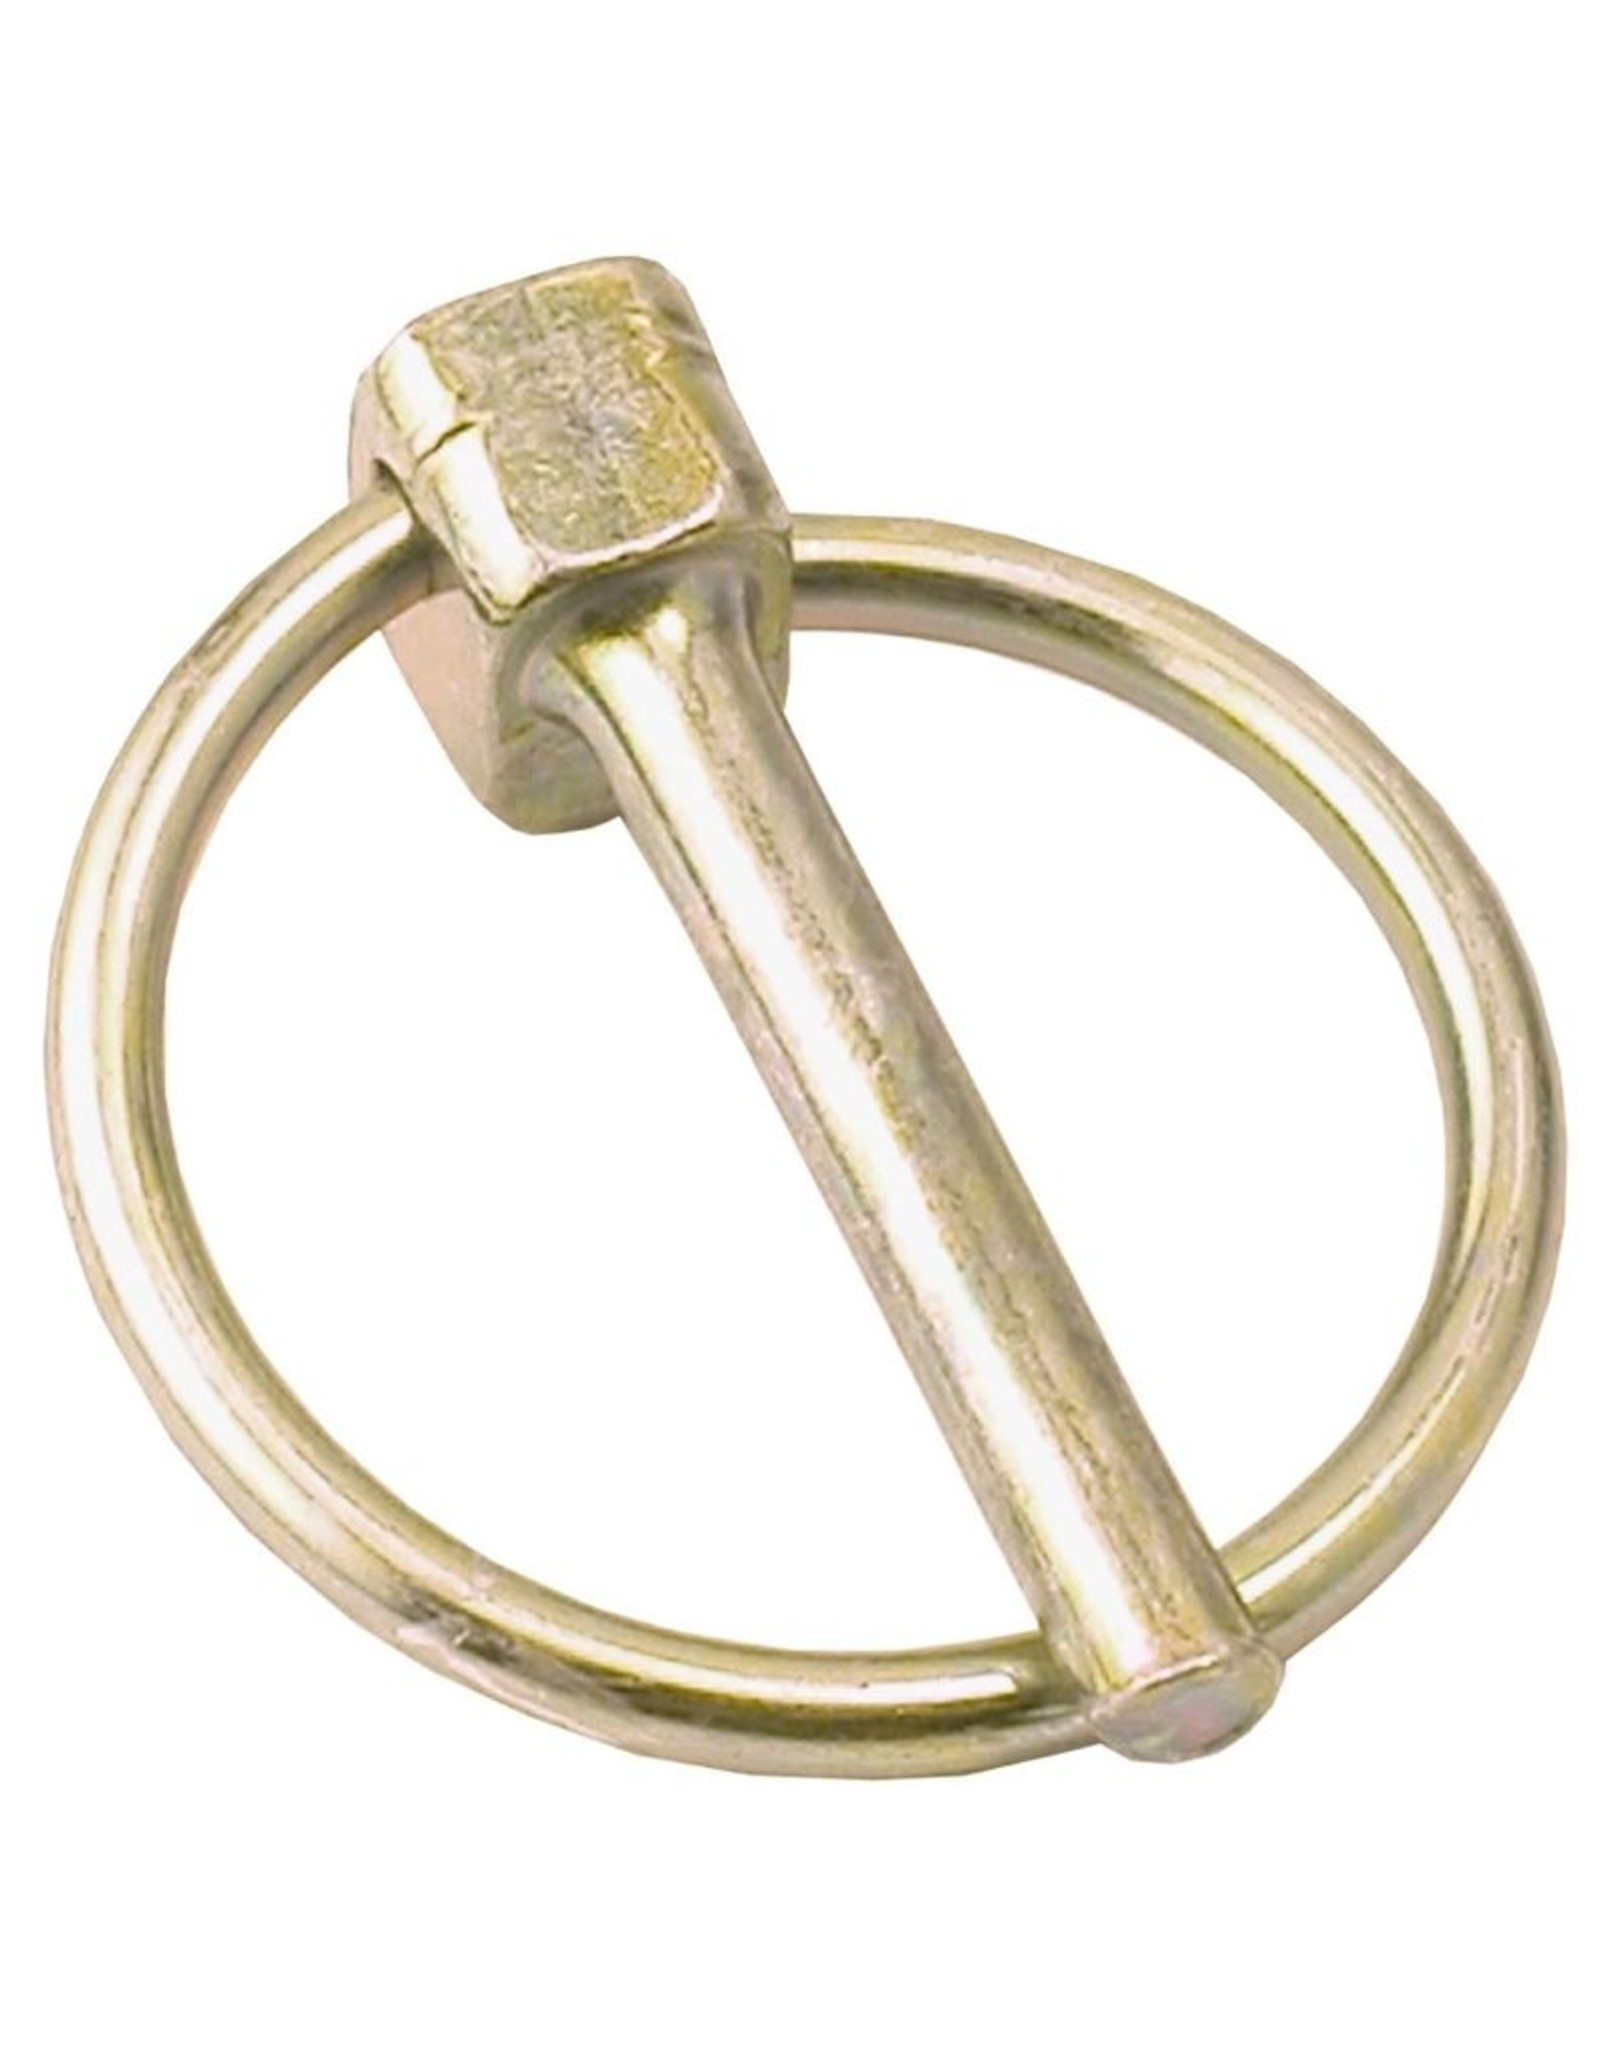 NRS NRS Lynch Pin Oarlock Keeper